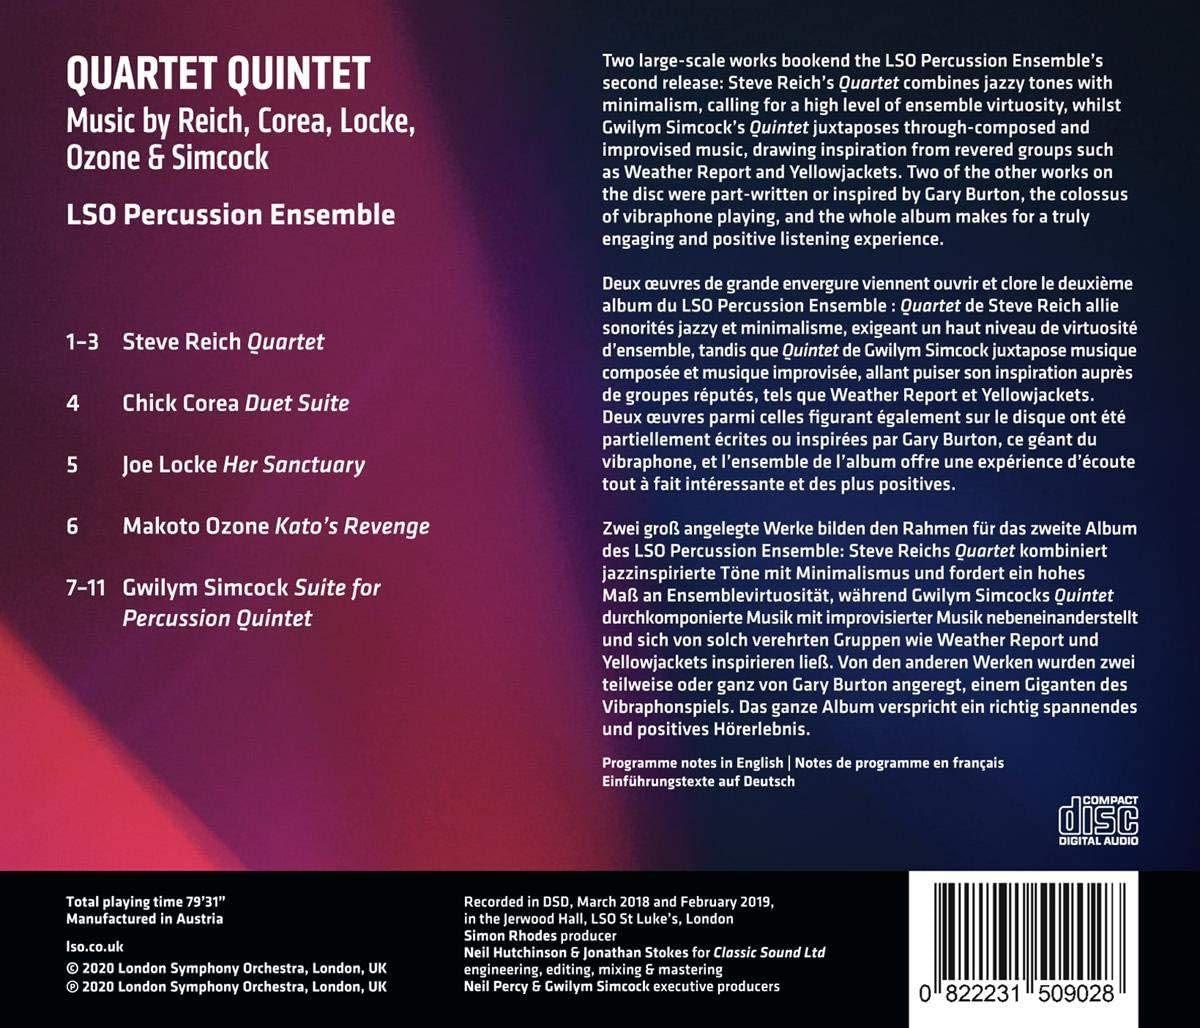 Photo No.2 of Lso Percussion Ensemble: Quartet Quintet